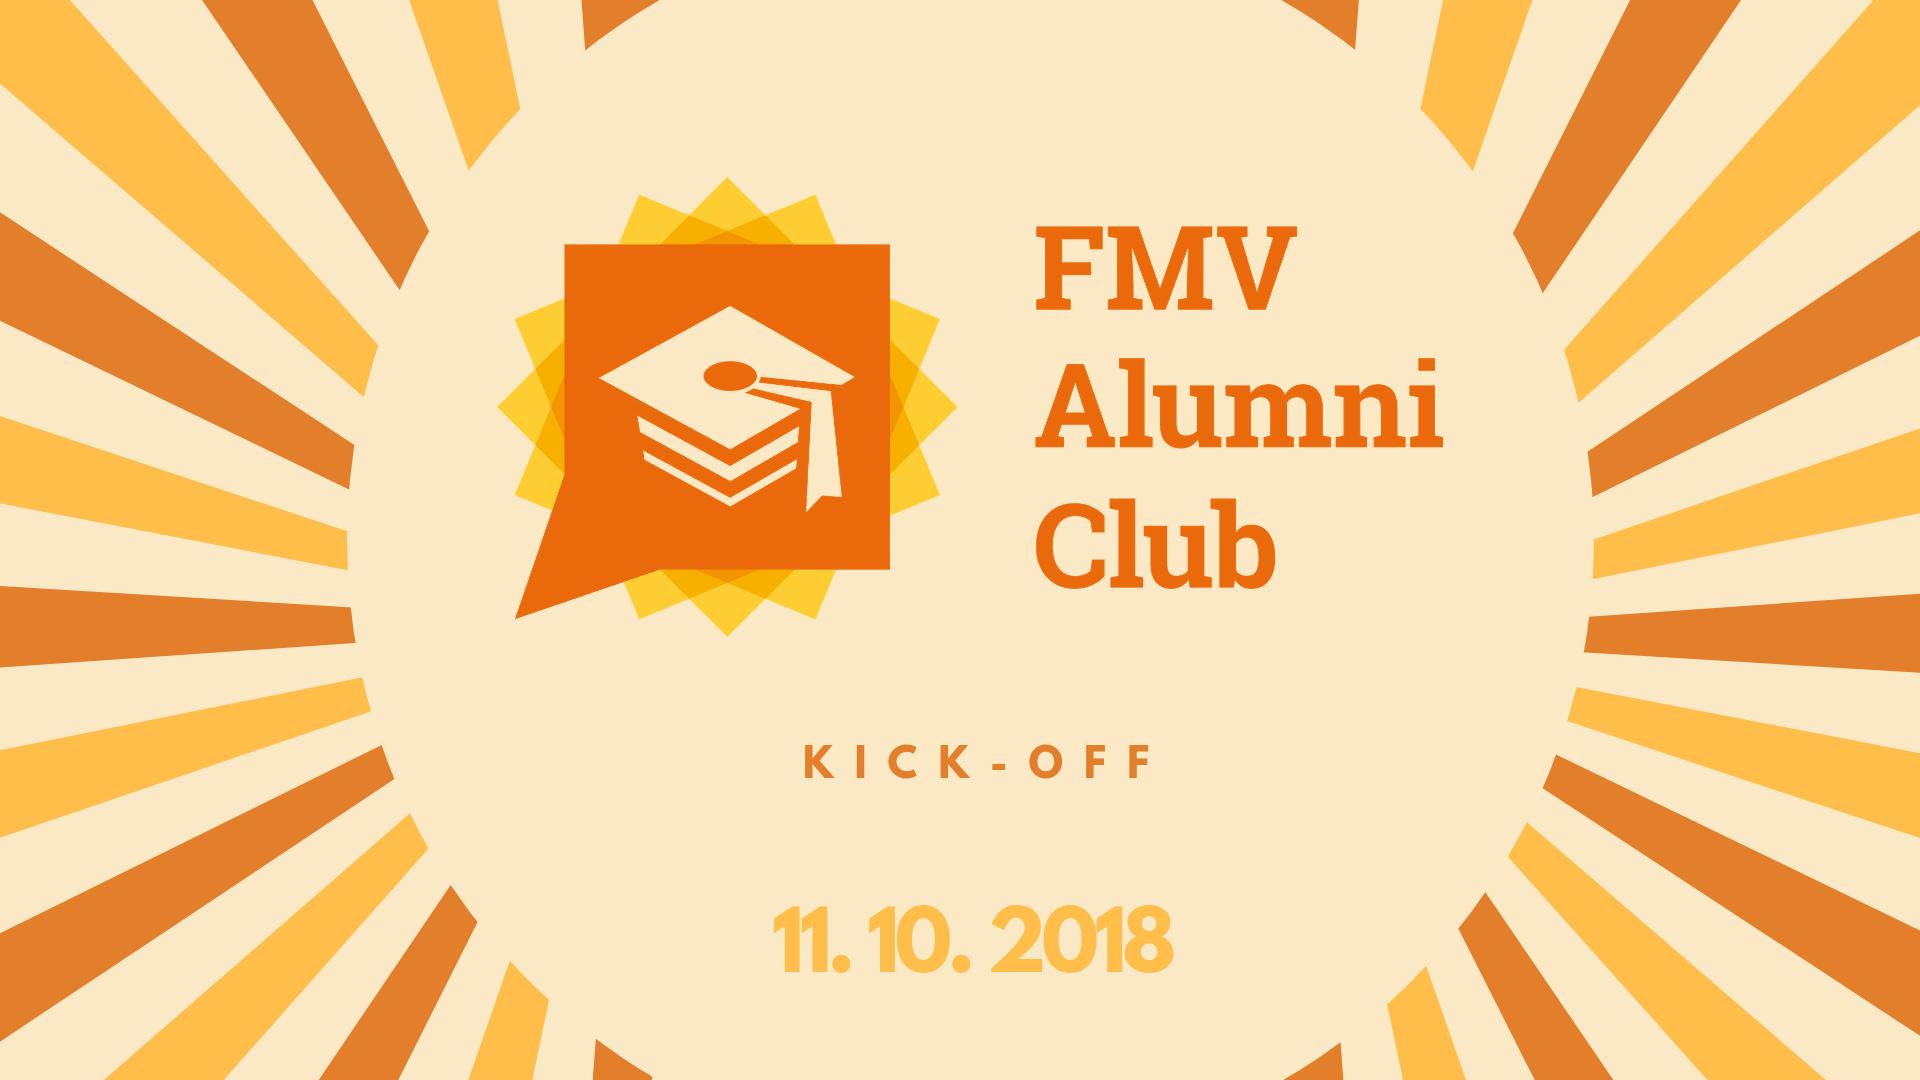 1. neformální setkání FMV Alumni Clubu je tady!